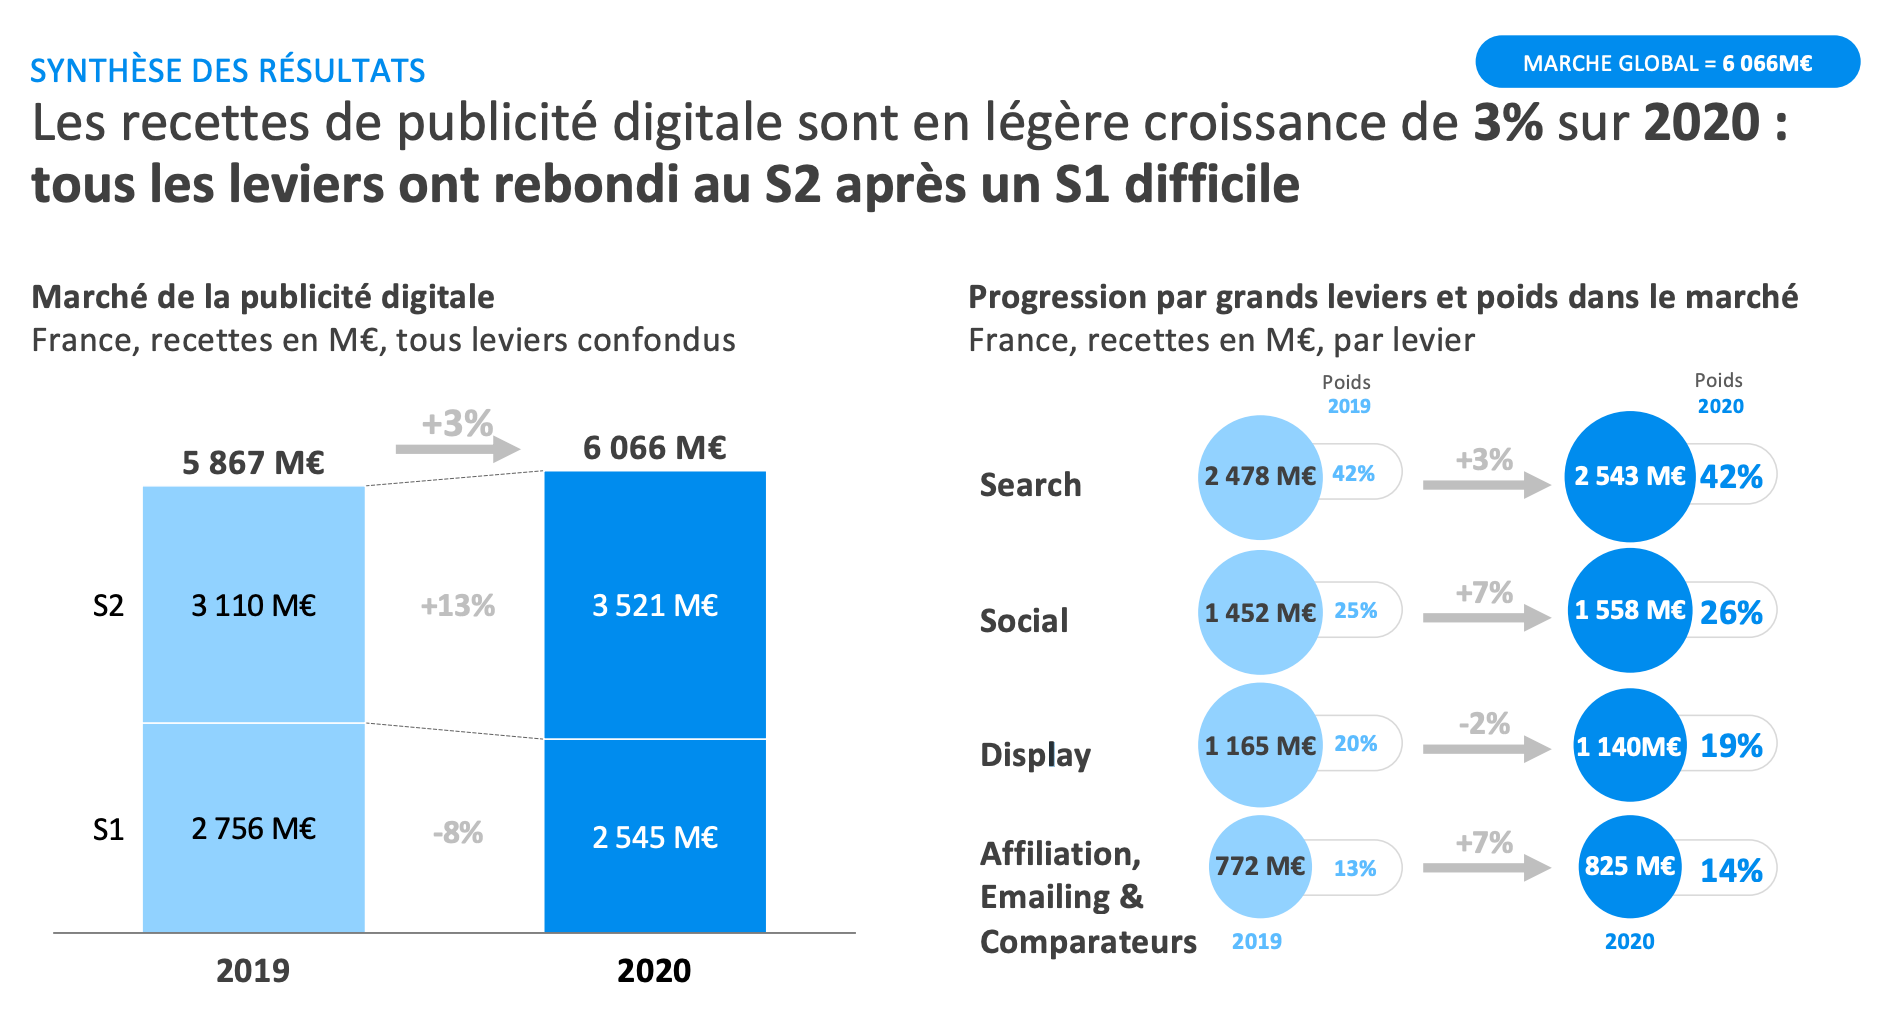 Evolution de la publicité digitale globale entre 2019 et 2020